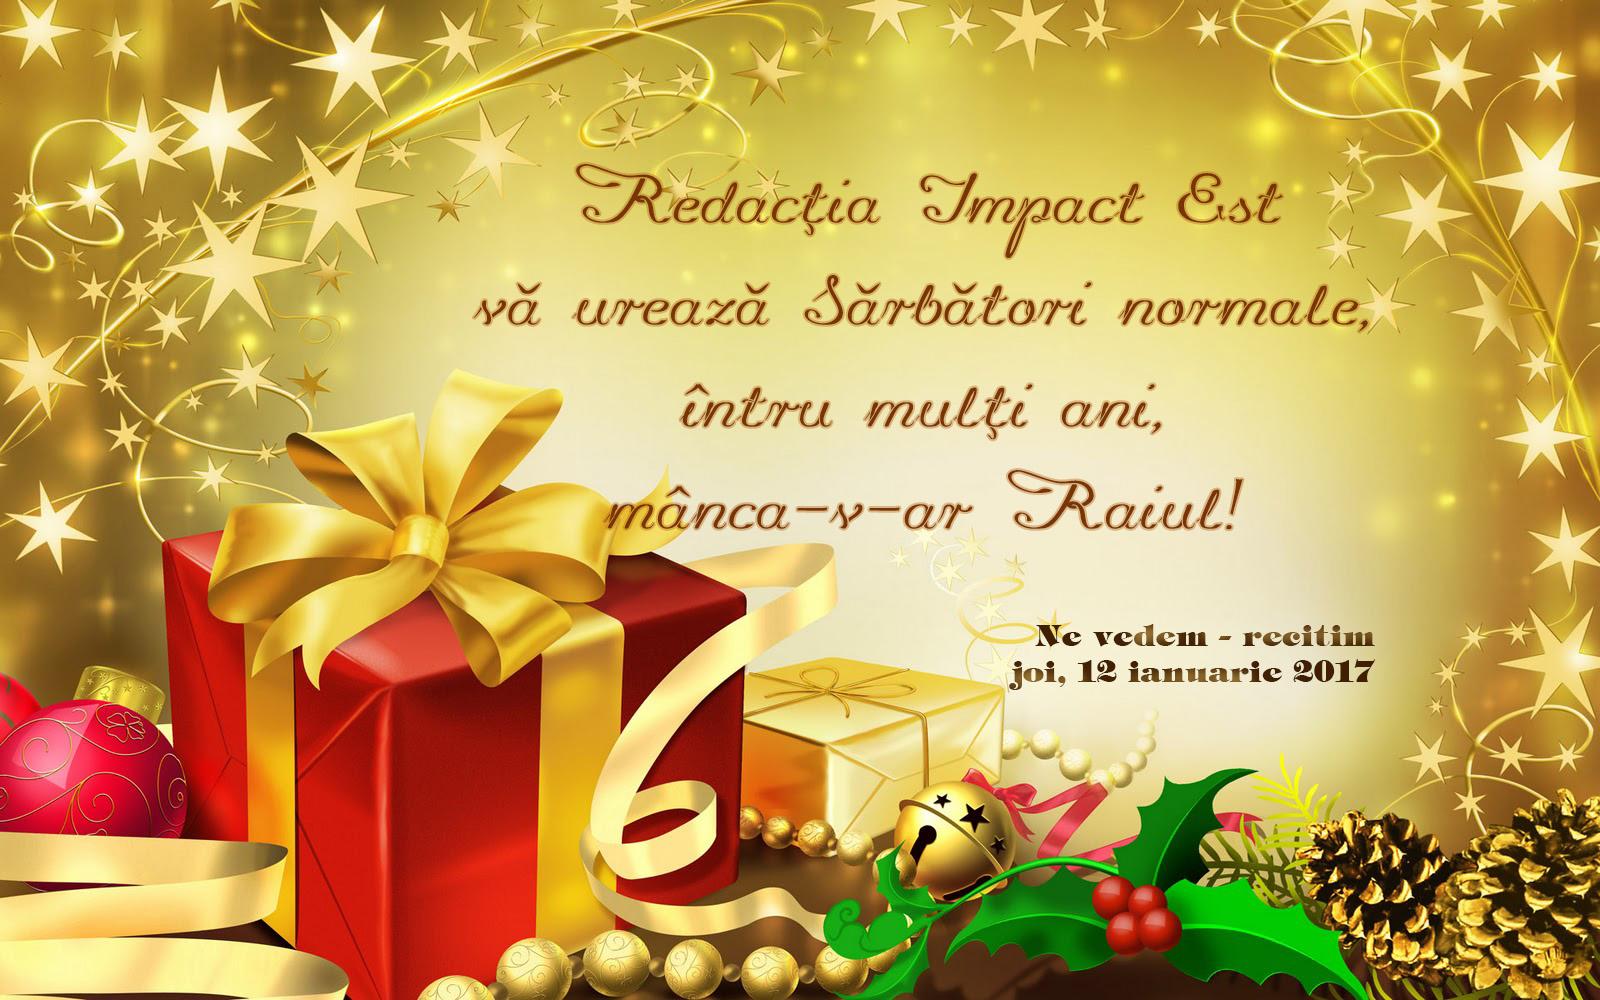 felicitare-impact